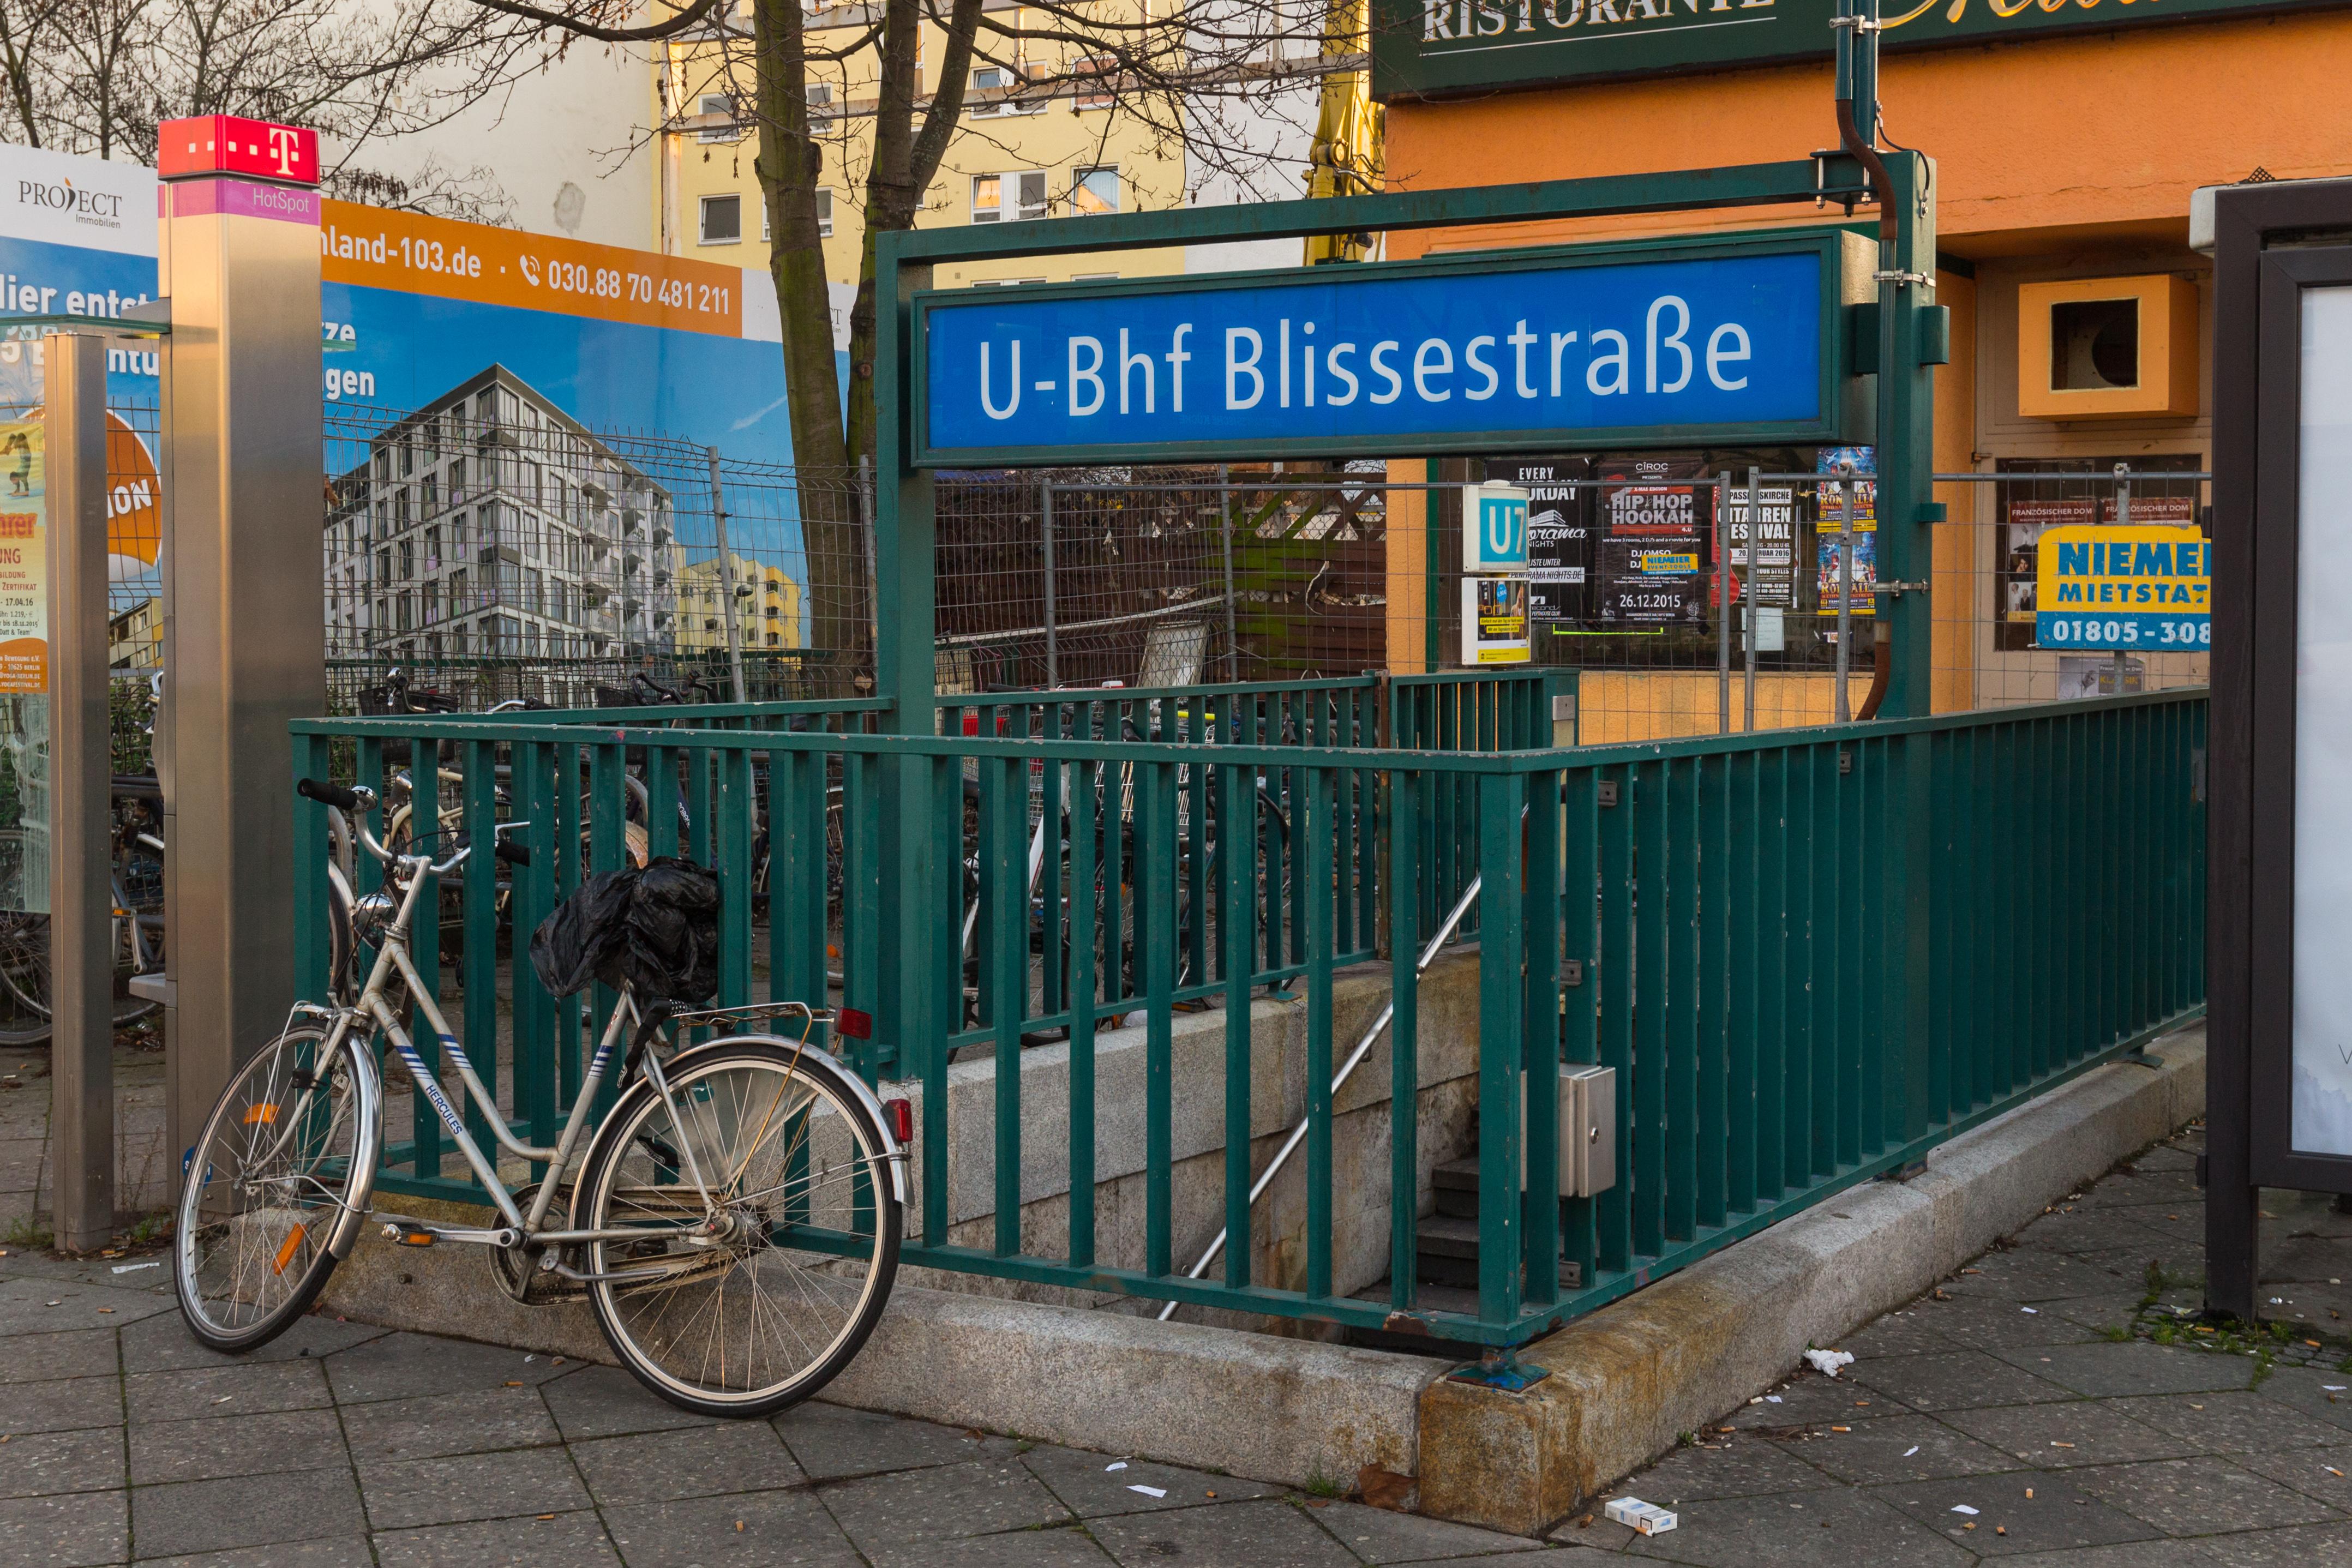 Blissestraße